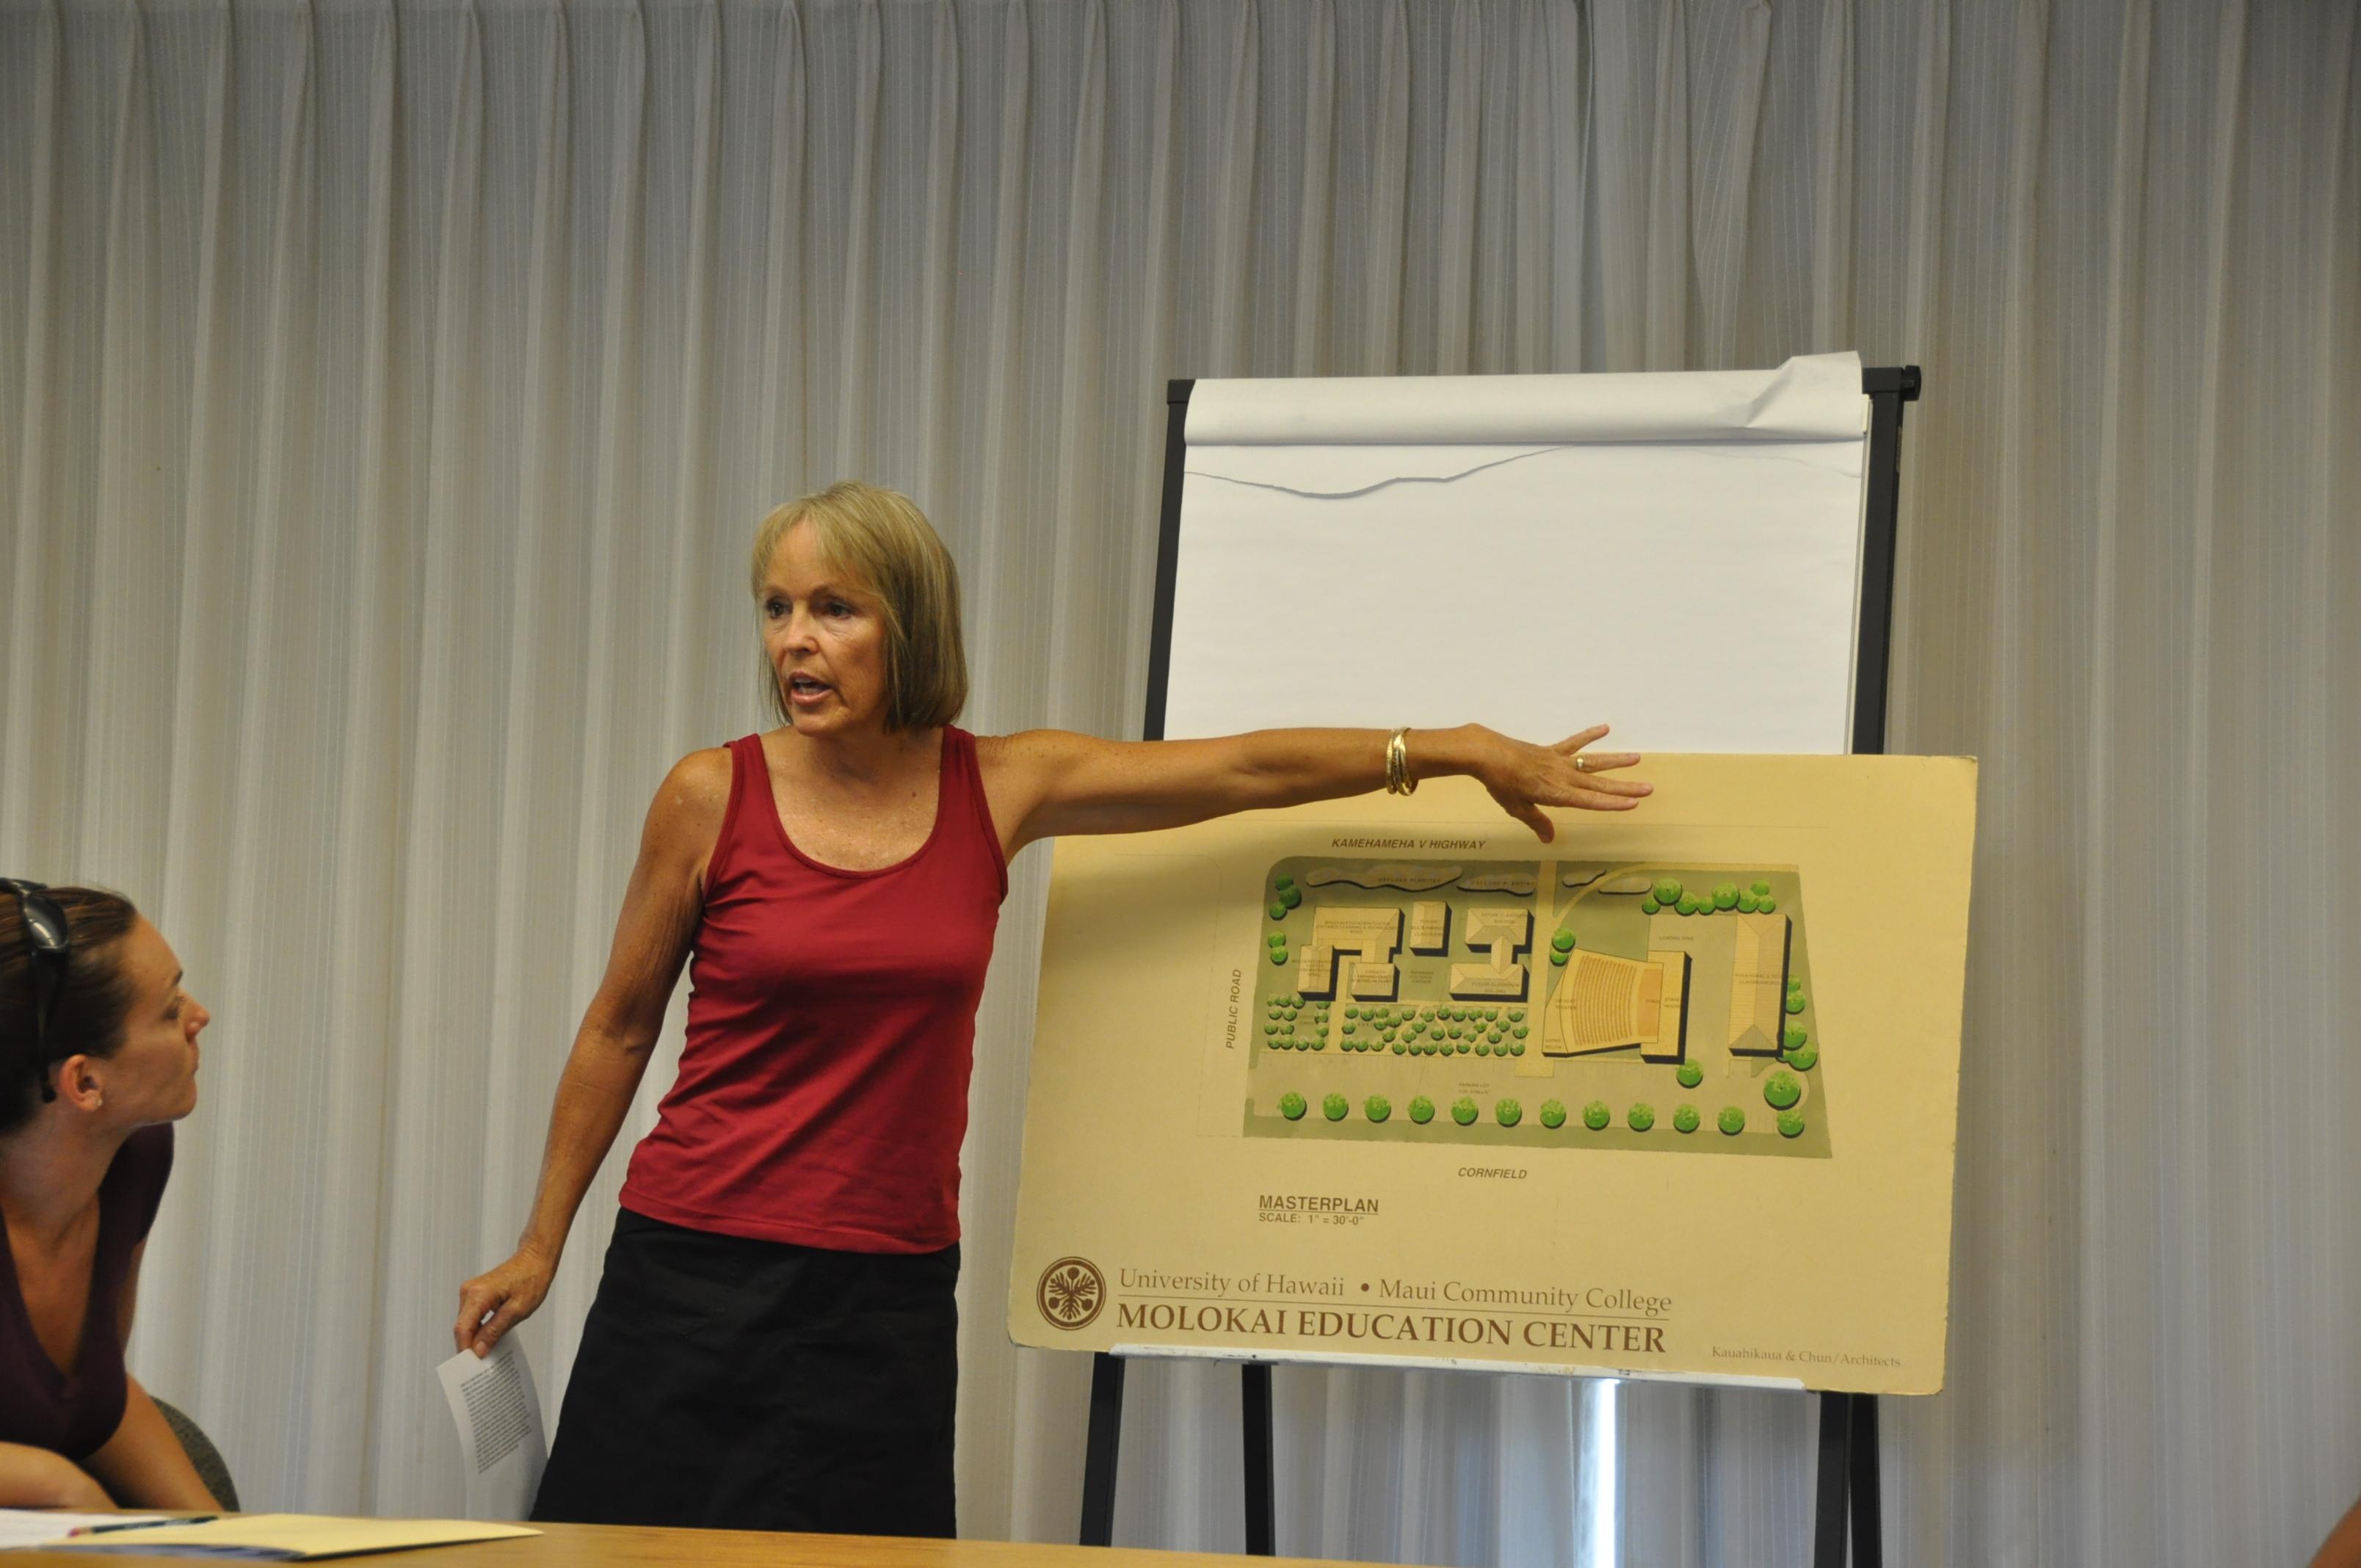 Molokai Education Center acquires land from Molokai Ranch